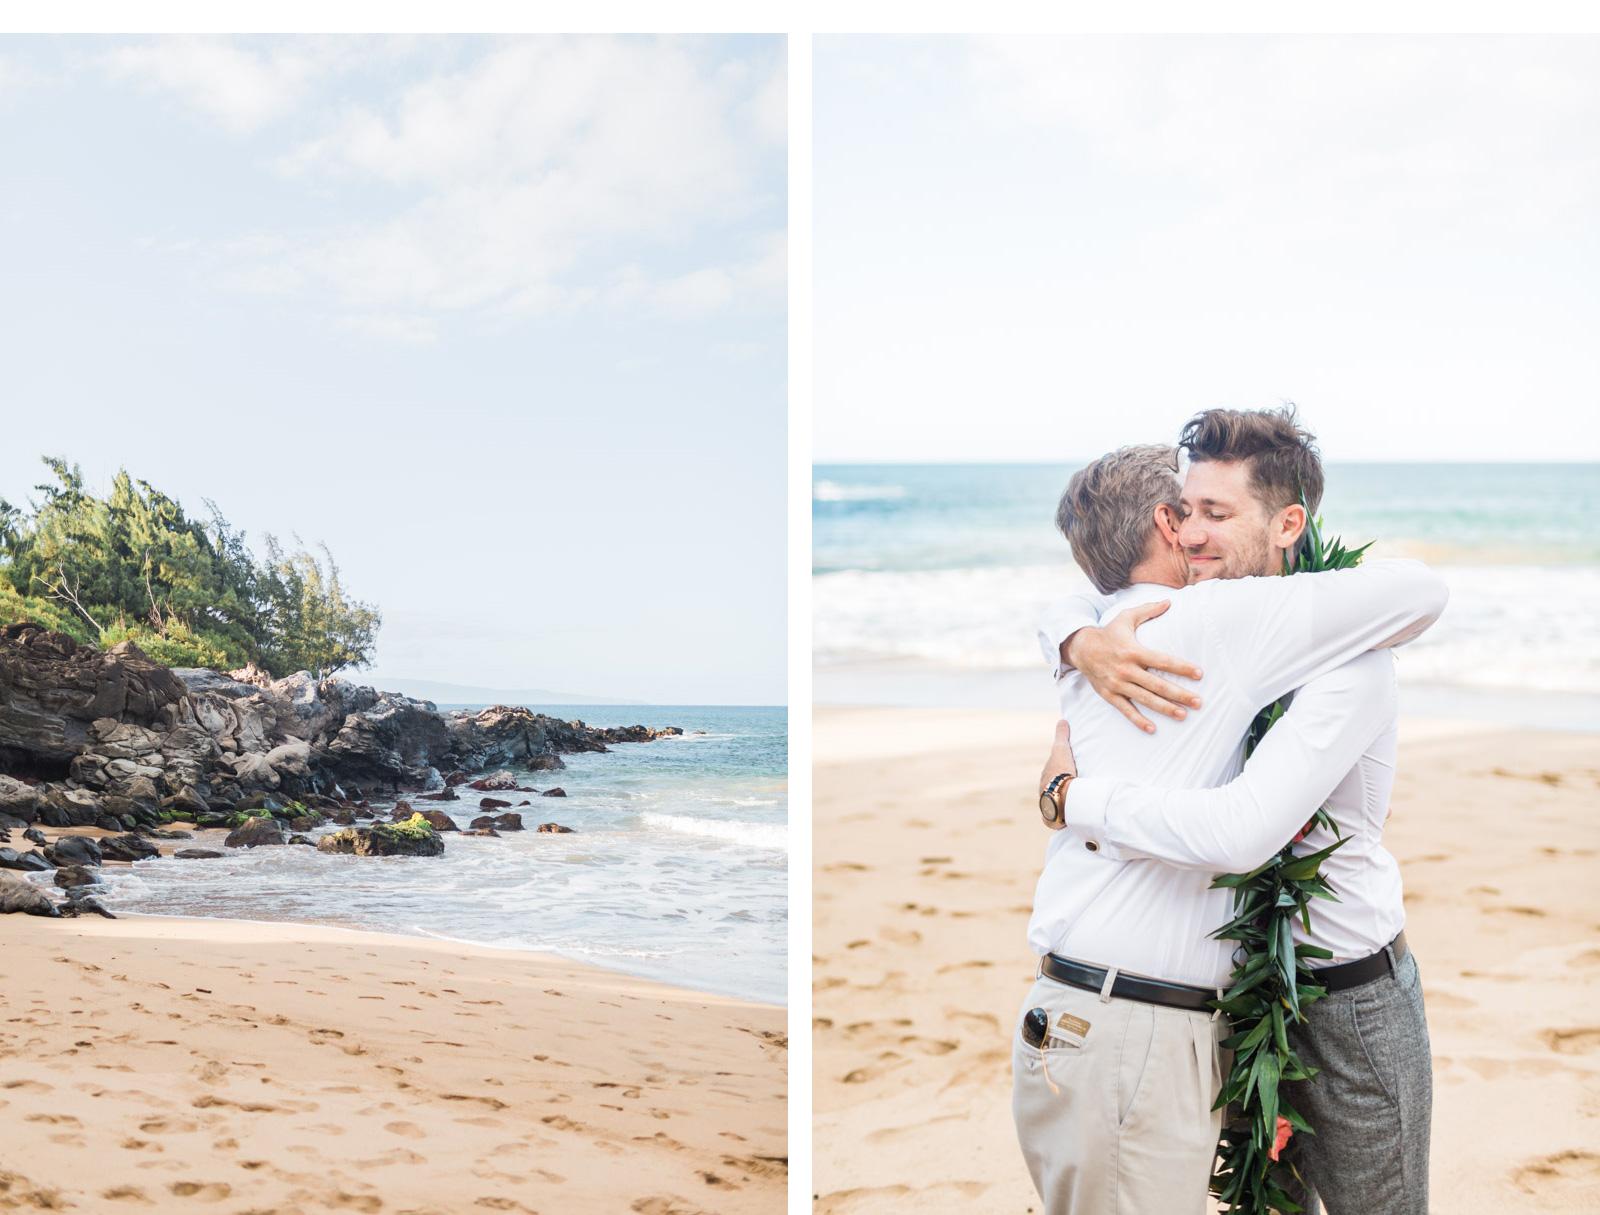 Natalie-Schutt-Photography--Maui-Wedding-Photographer_03.jpg